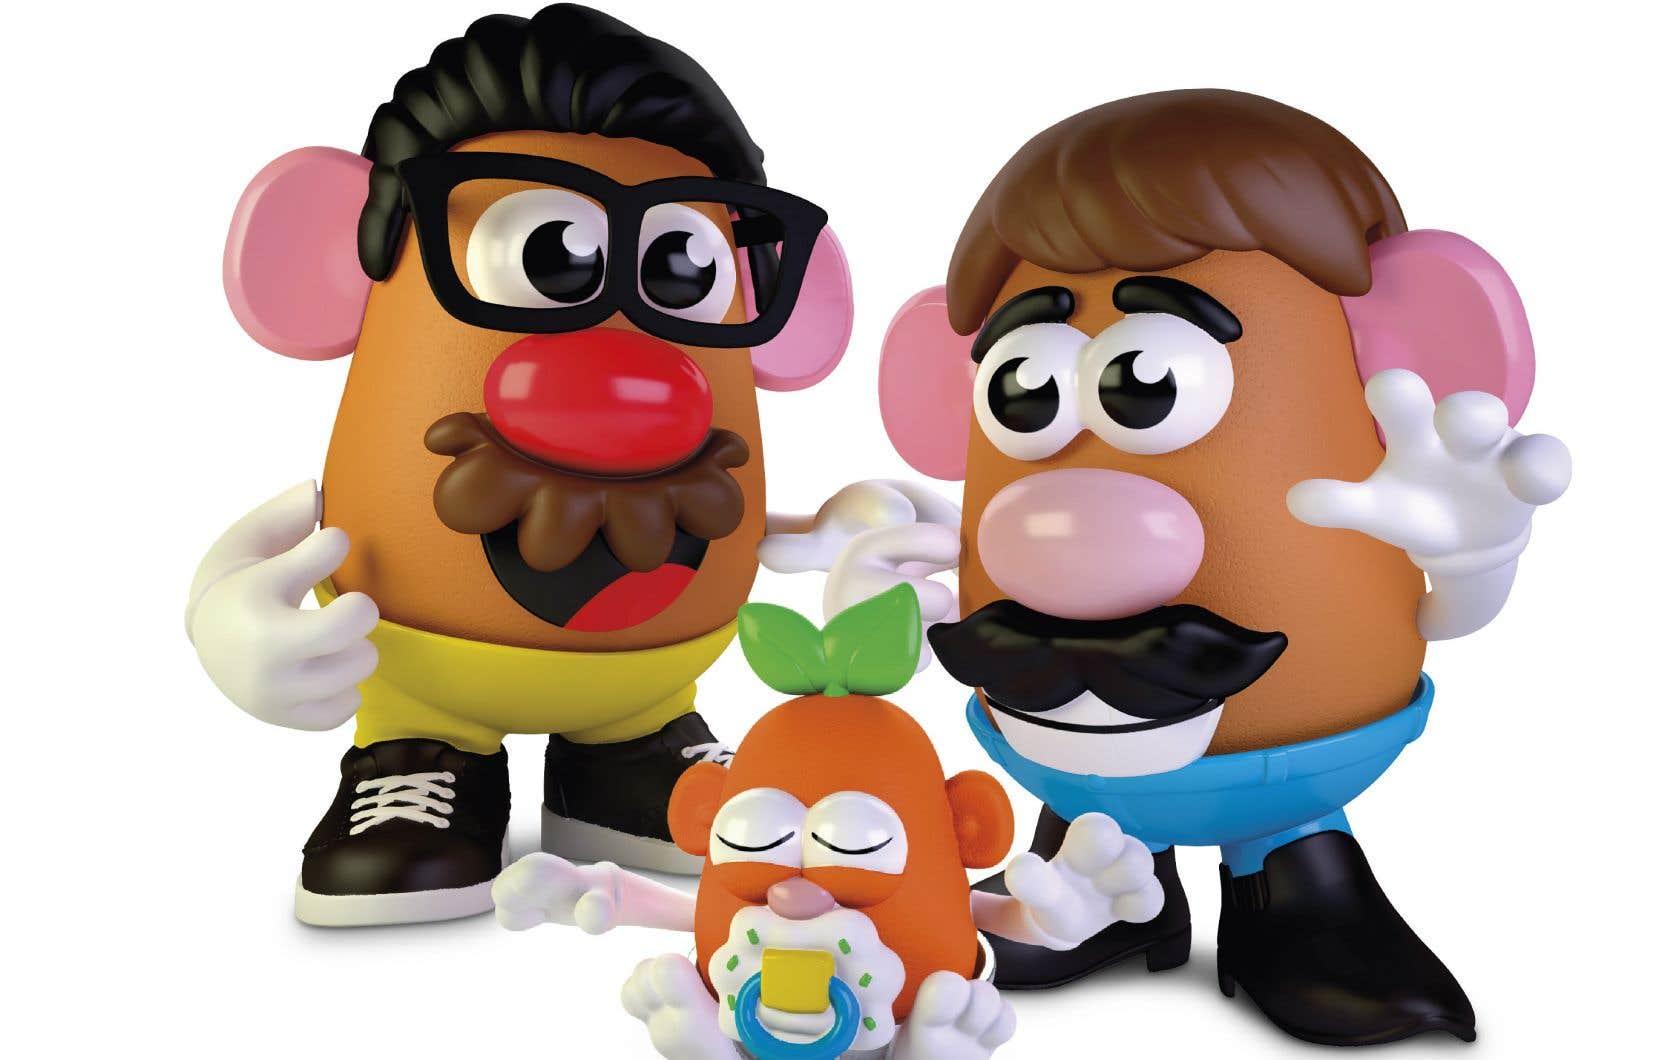 À partir d'une forme de patate en plastique, les enfants sont appelés à créer des personnages en leur ajoutant des attributs.